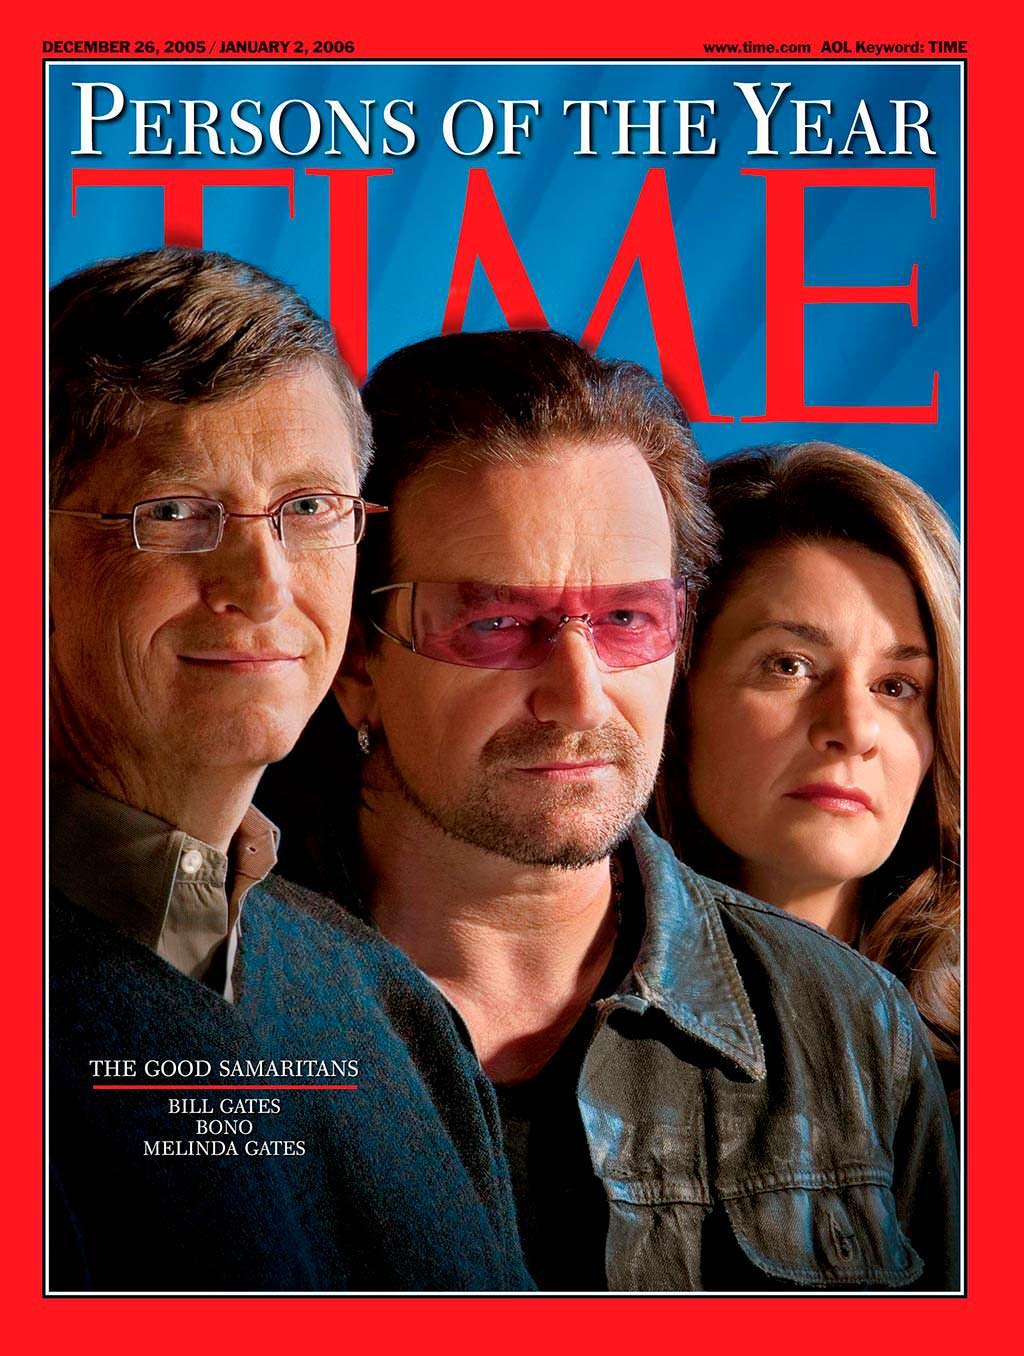 2005 год. Добрые самаритяне на обложке Time